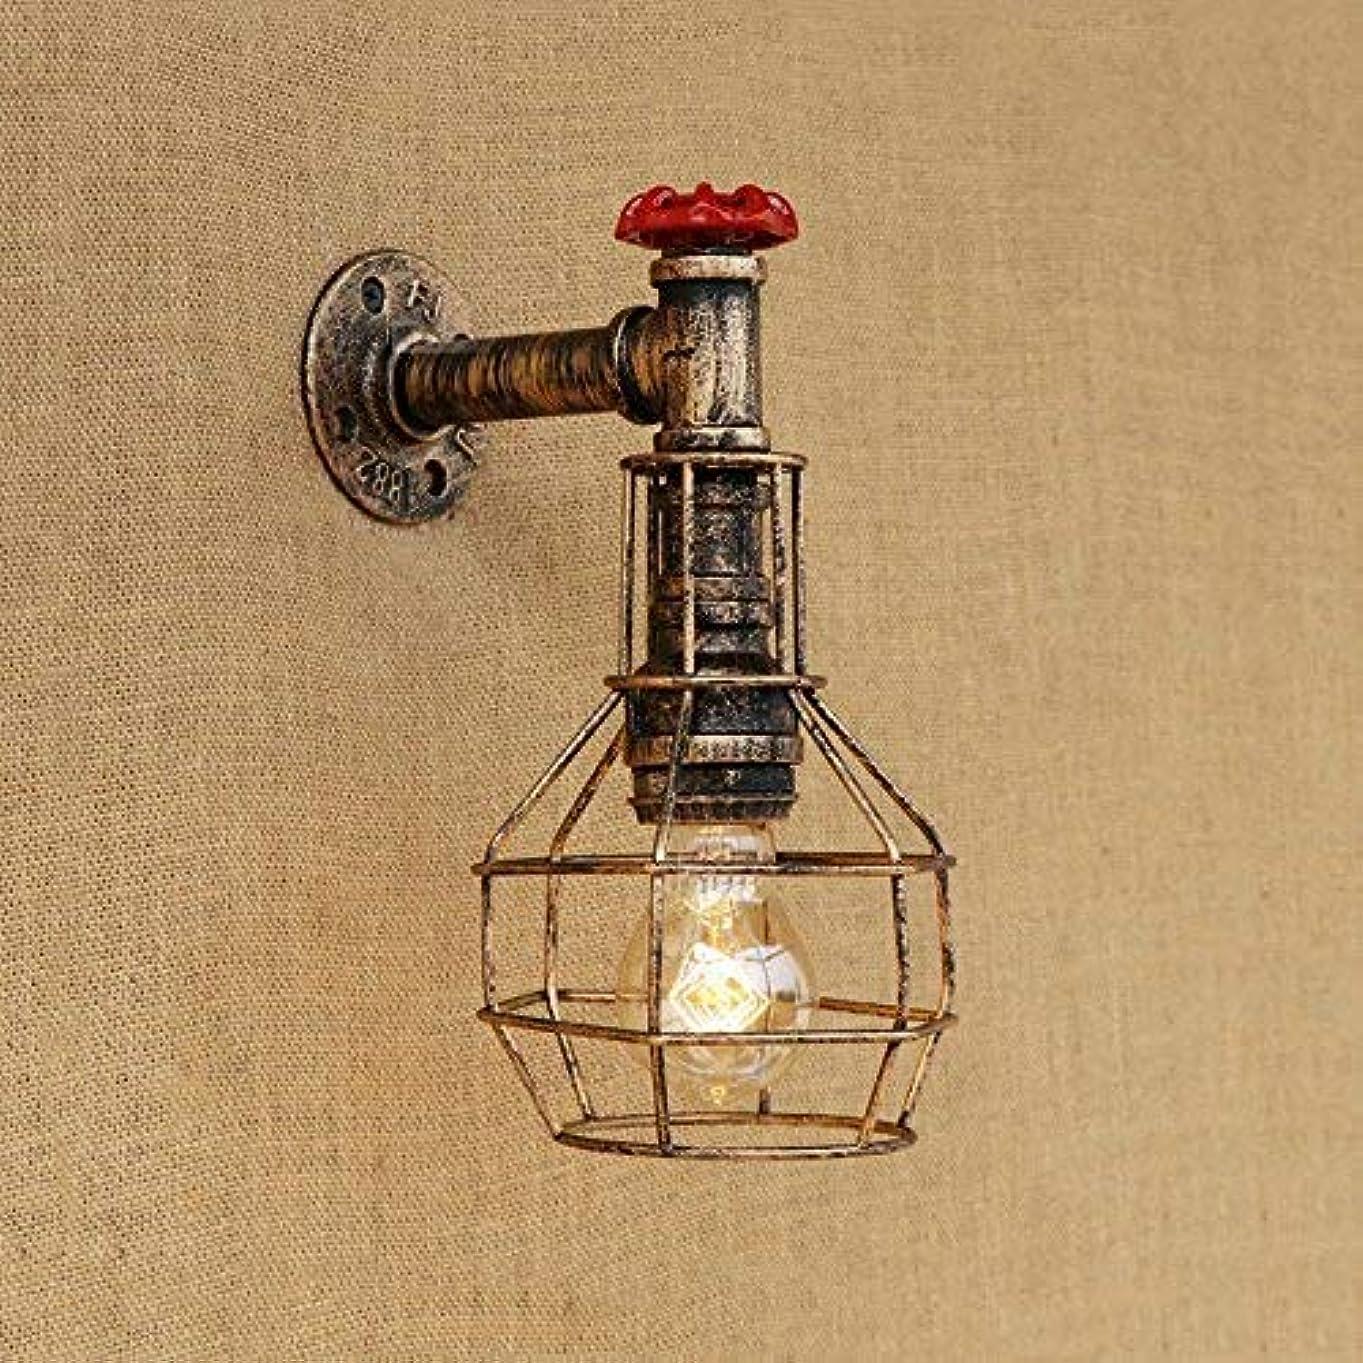 不快なアスリートオークランド壁面ライト, ウォールランプロフトアイアンライト寝室研究階段廊下バークラブパブレストランカフェランプブラジャー壁取り付け用燭台、A AI LI WEI (Color : A)